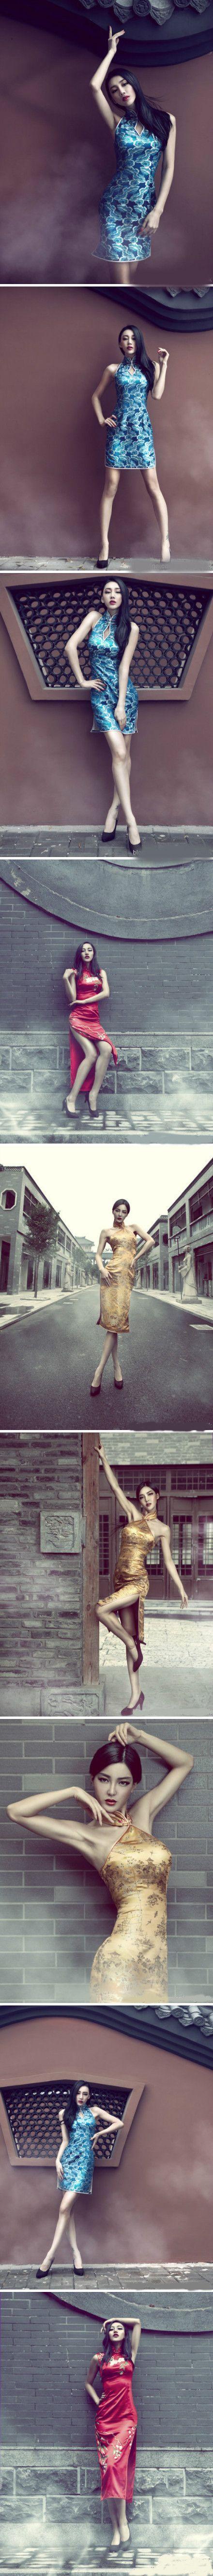 qi pao, 旗袍, chinese dress